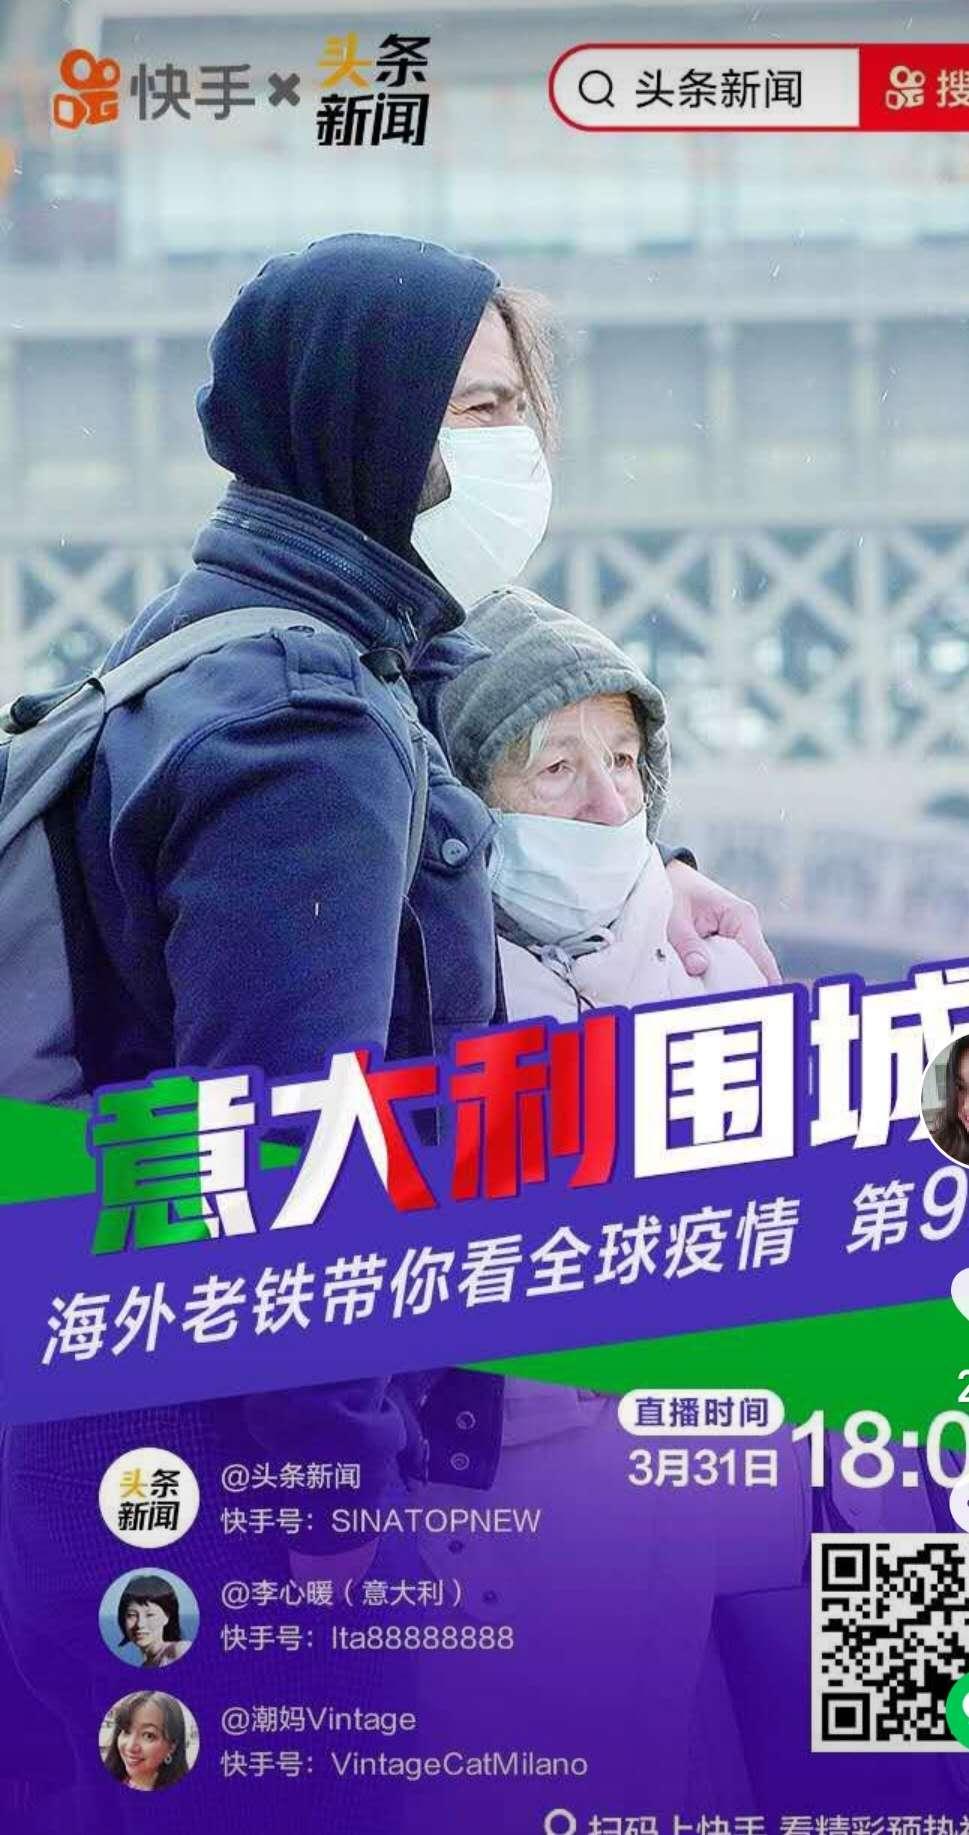 意大利的华人抗疫:从被误解到被点赞